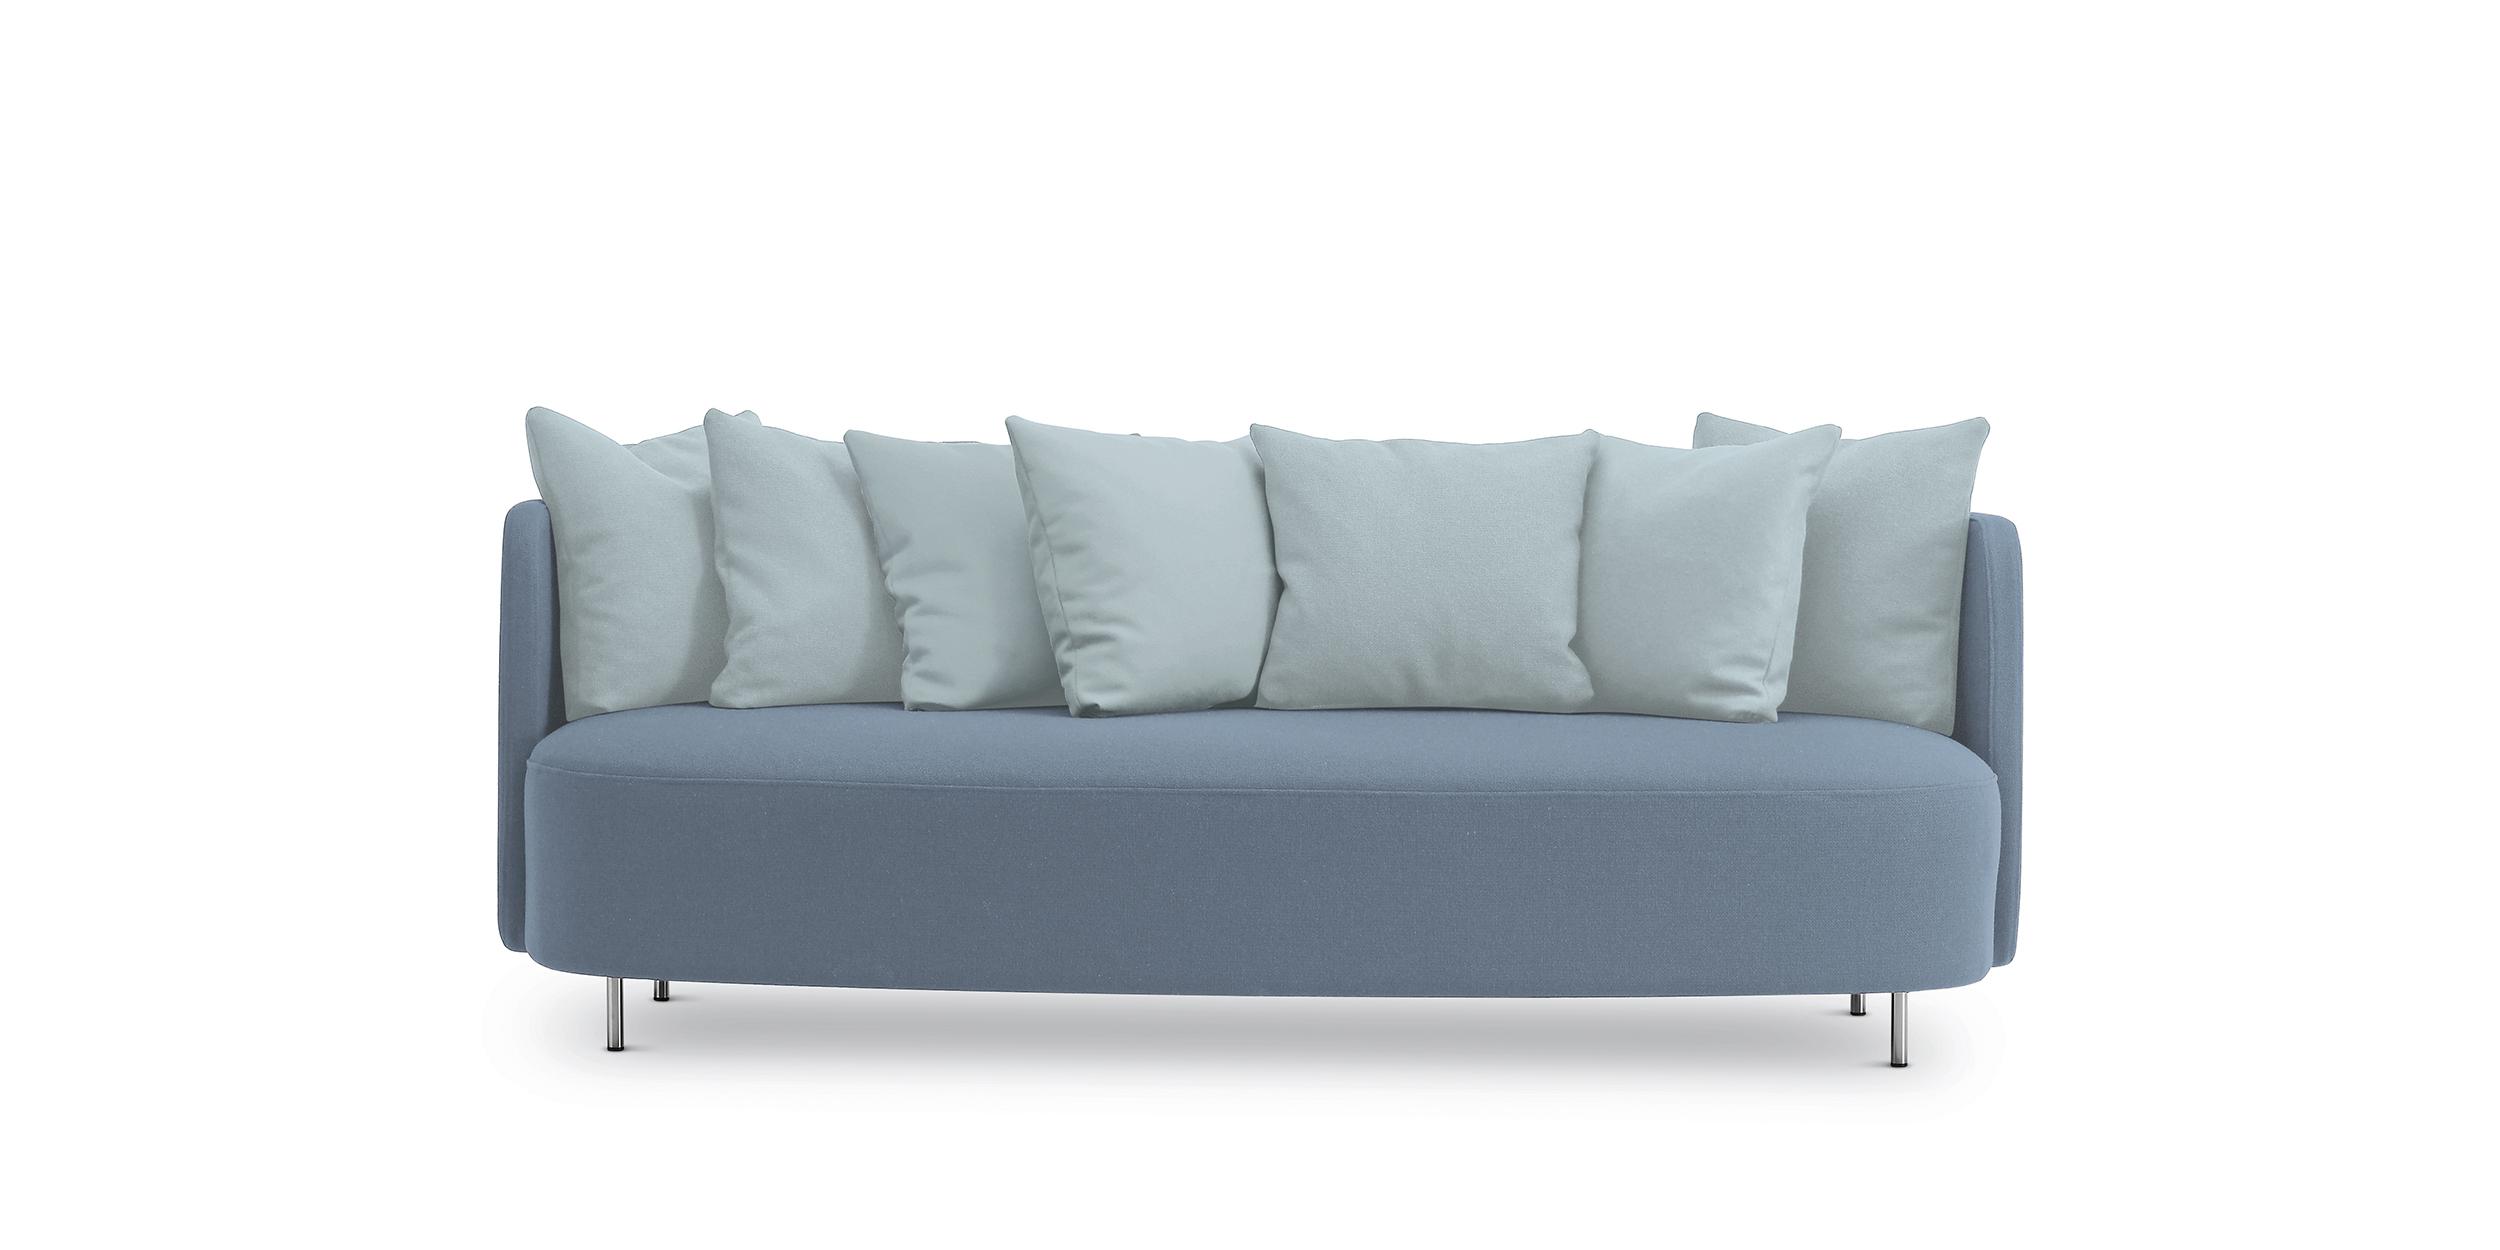 Minima, Soffa by Claesson Koivisto Rune